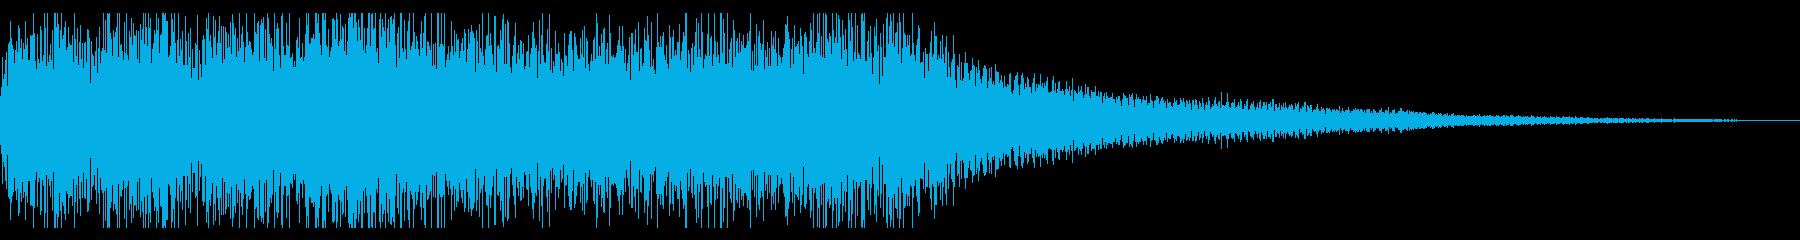 勝利系のファンファーレの再生済みの波形